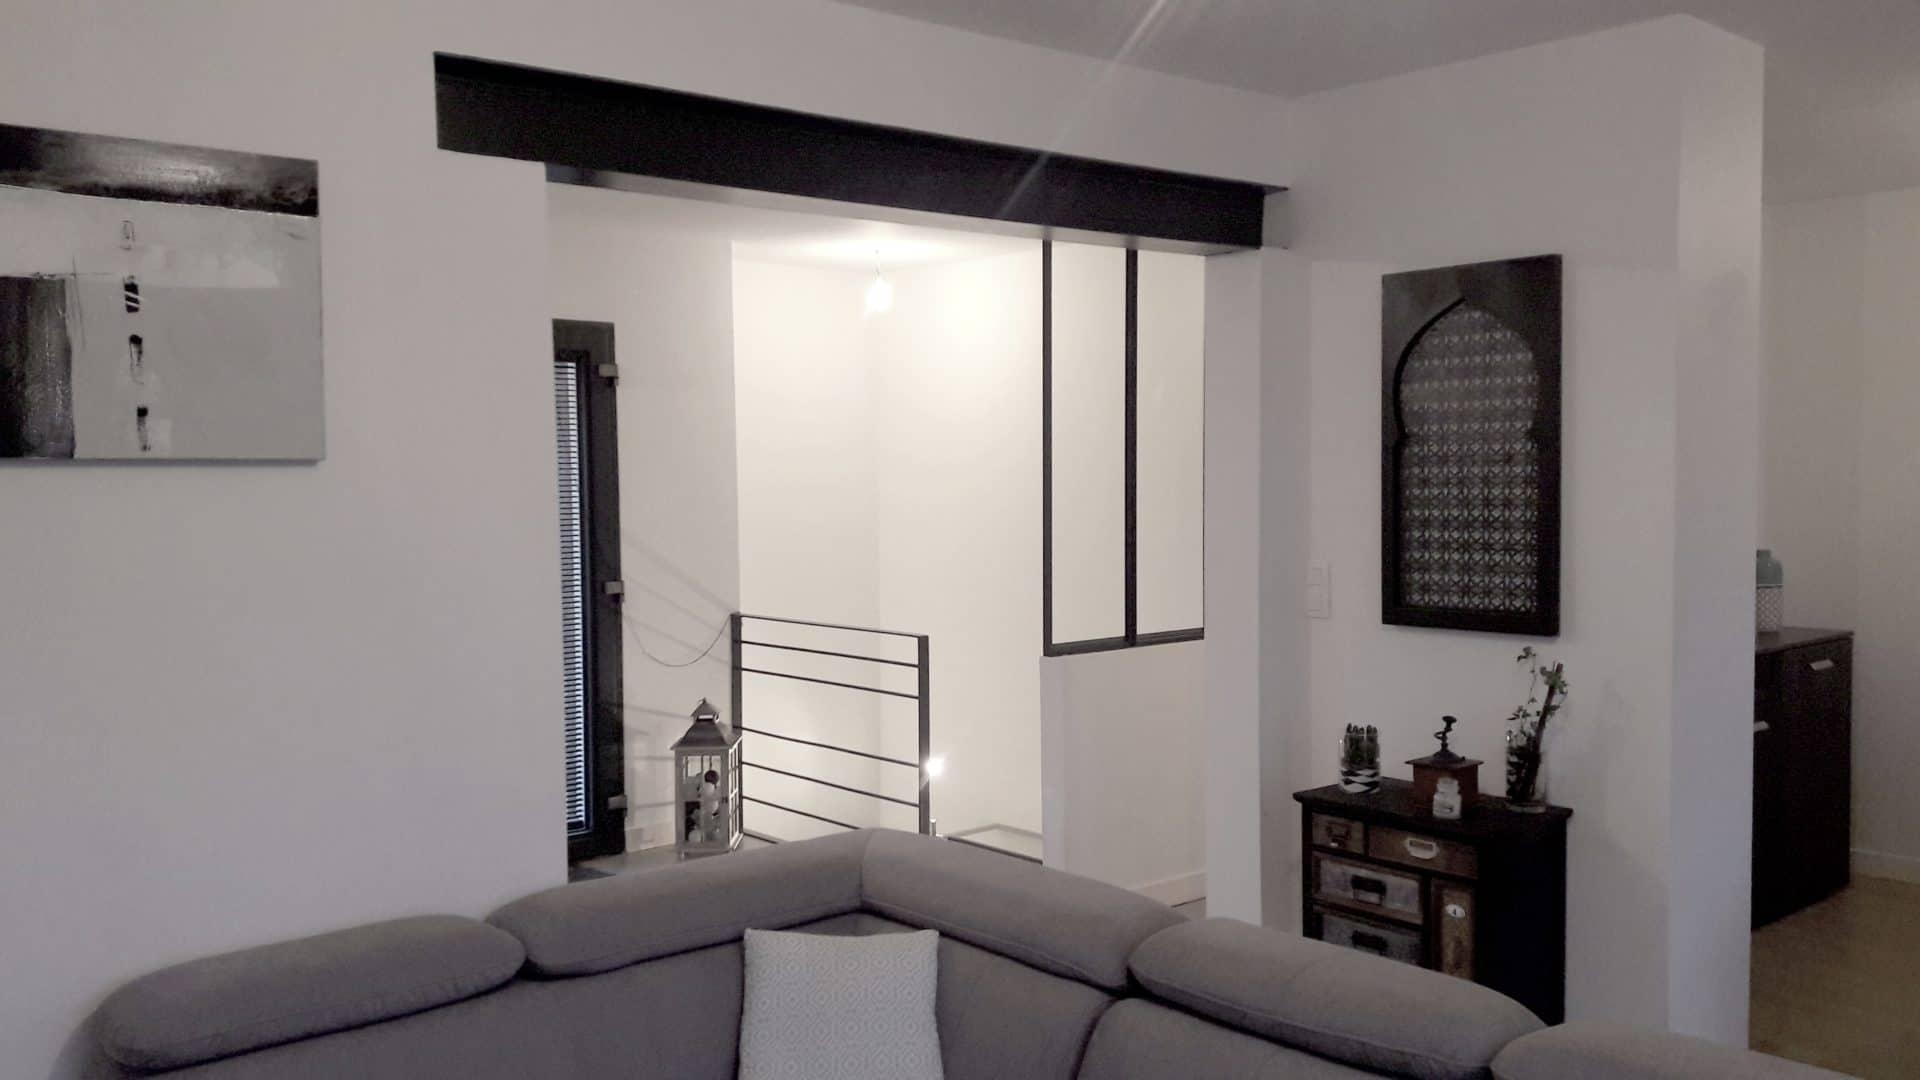 am nagement int rieur d 39 une maison pr s de niort 79. Black Bedroom Furniture Sets. Home Design Ideas